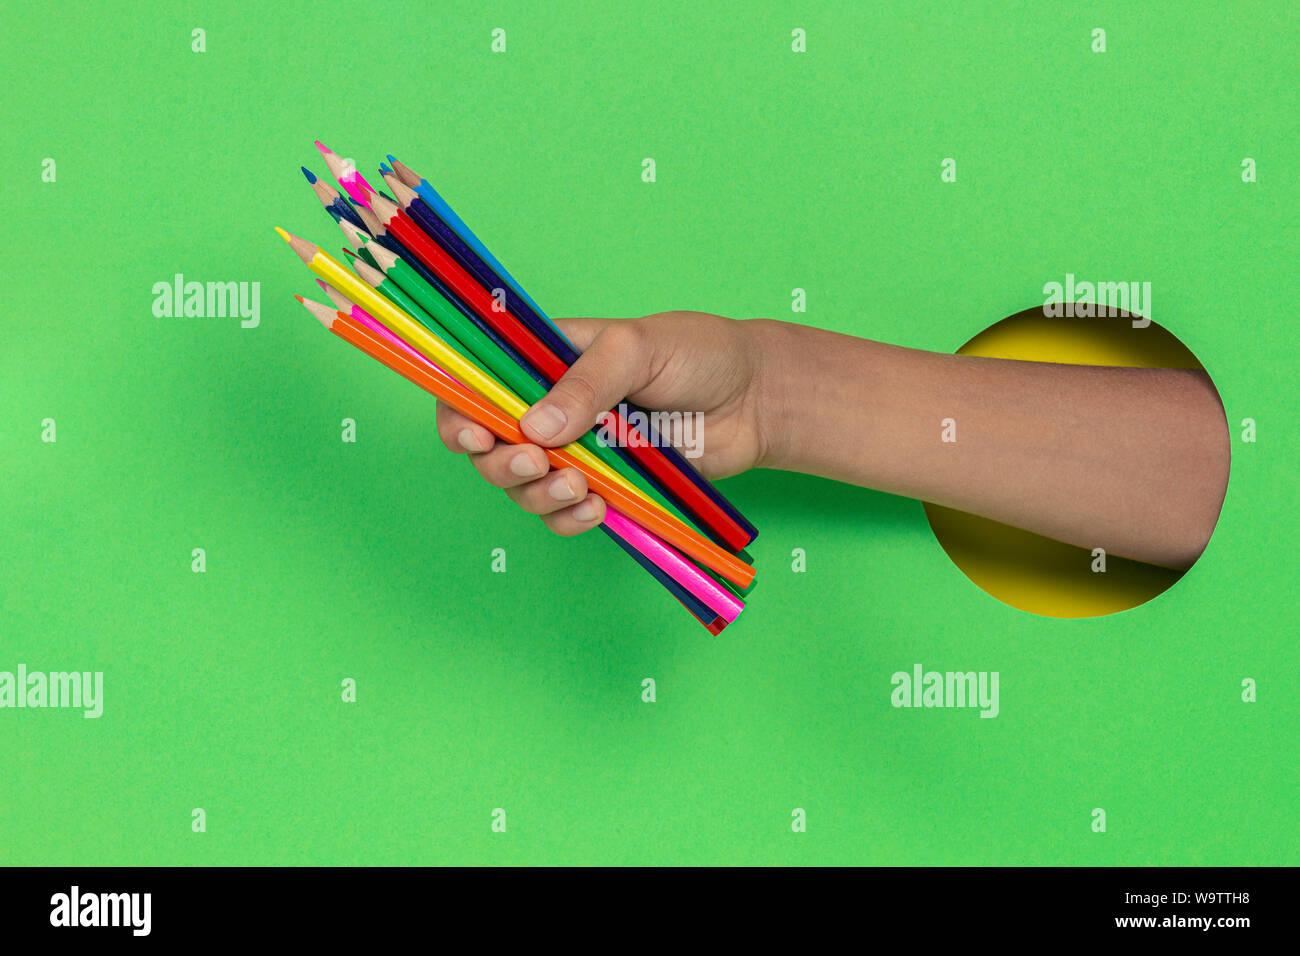 Kid holding crayons de couleur dans la main à travers le trou à fond vert clair Banque D'Images